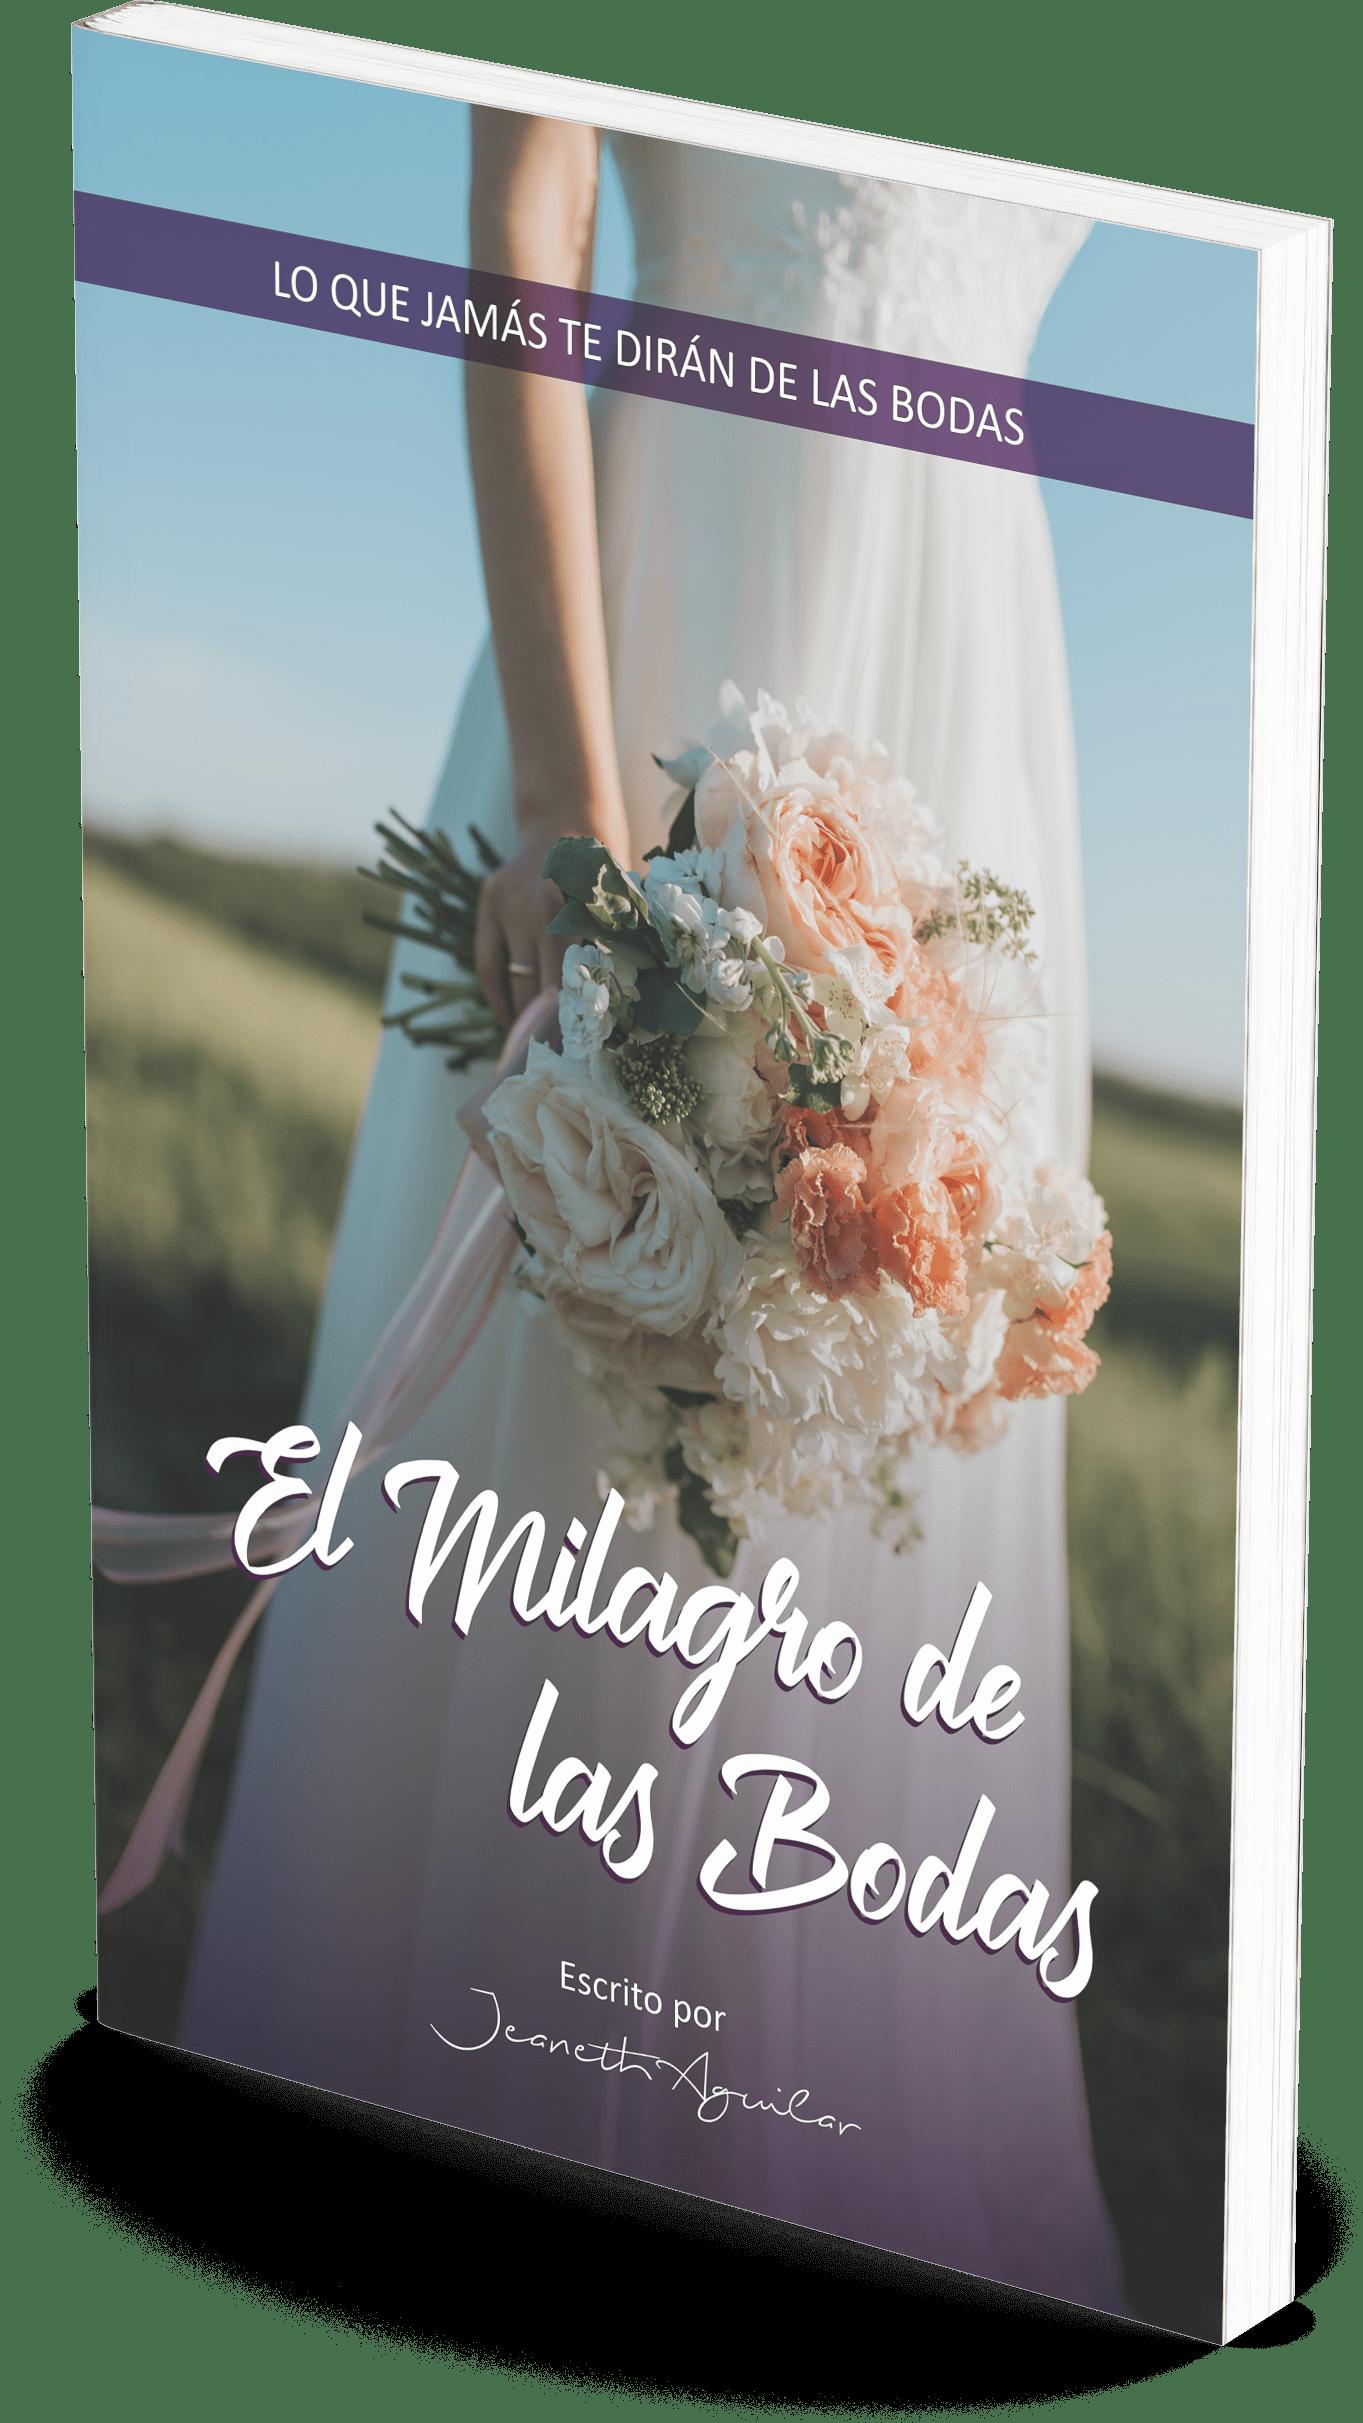 El_milagro_de_las_bodas